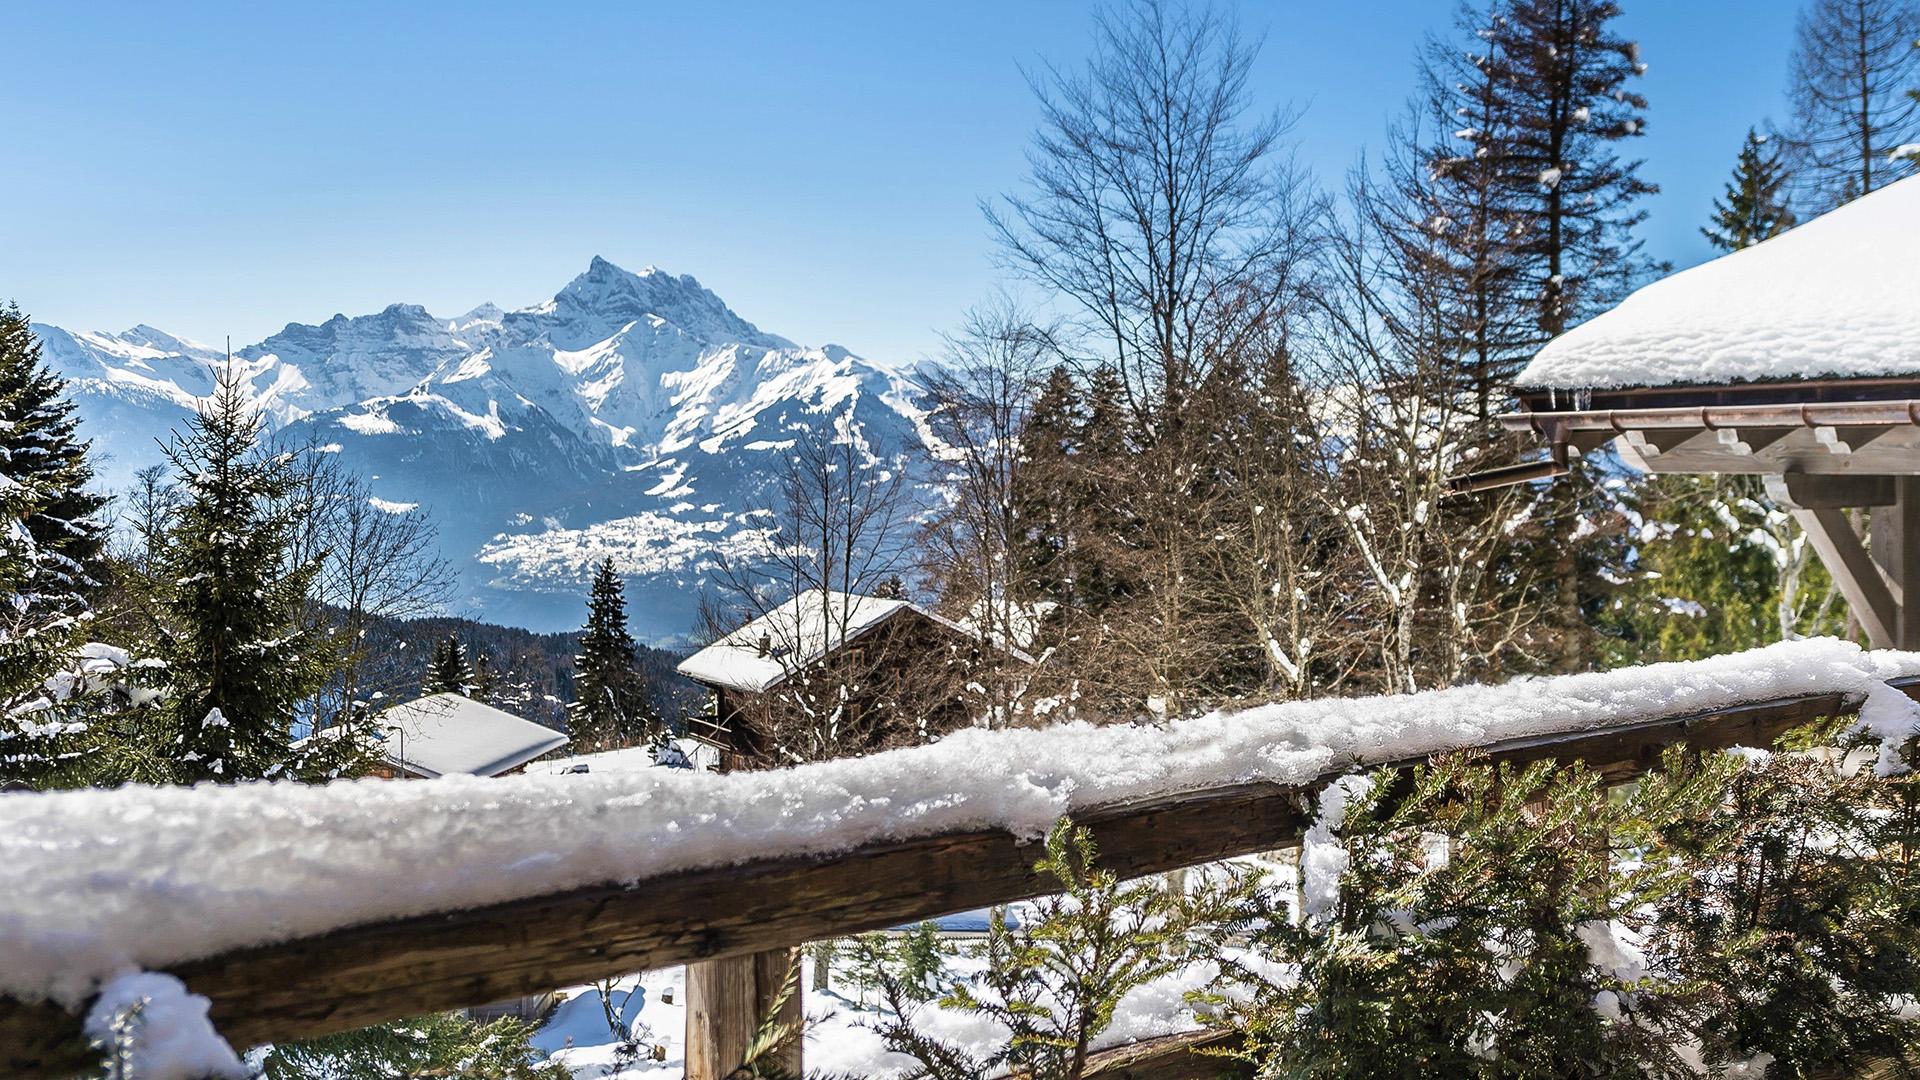 Chalet Fleur des Neiges Chalet, Switzerland